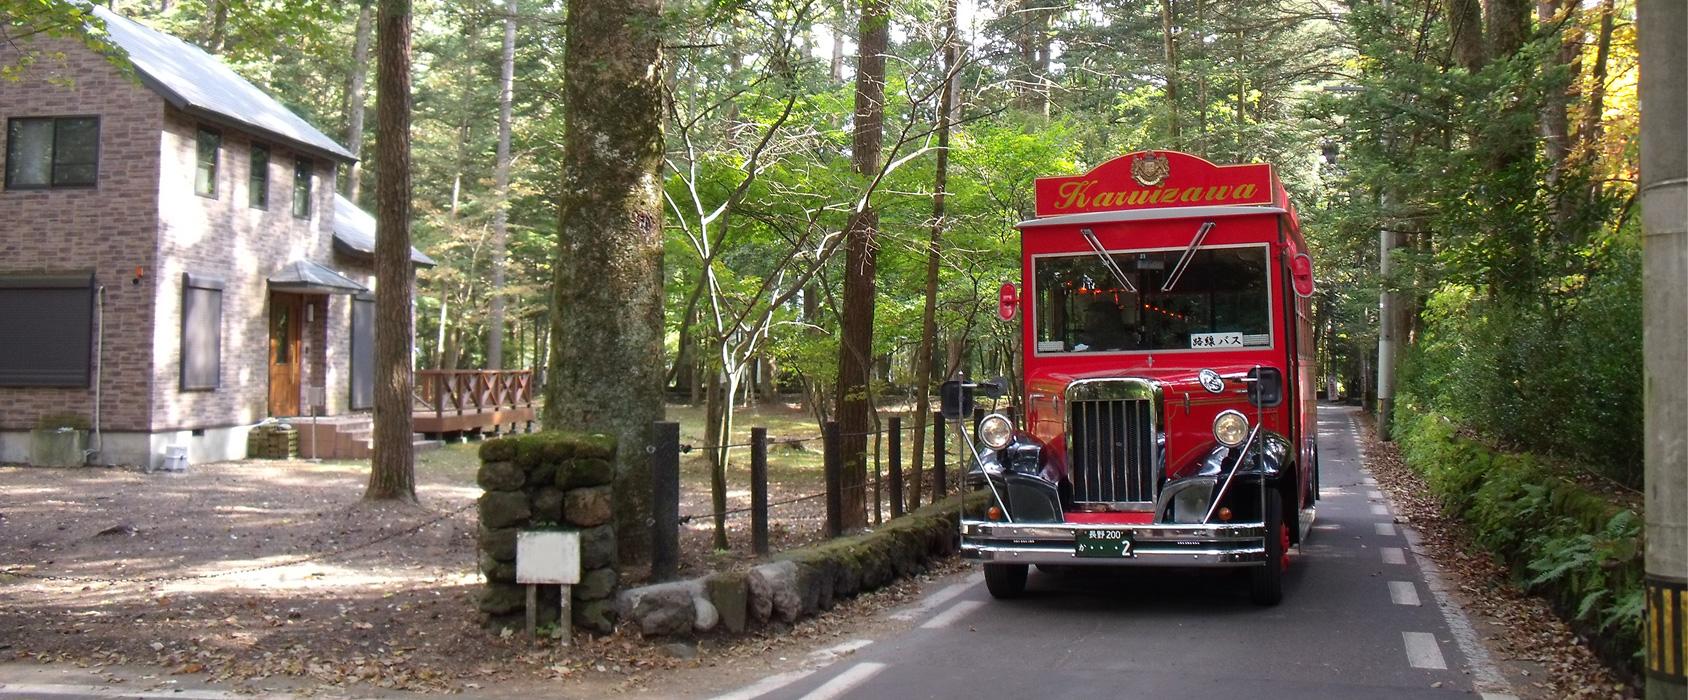 軽井沢赤バス